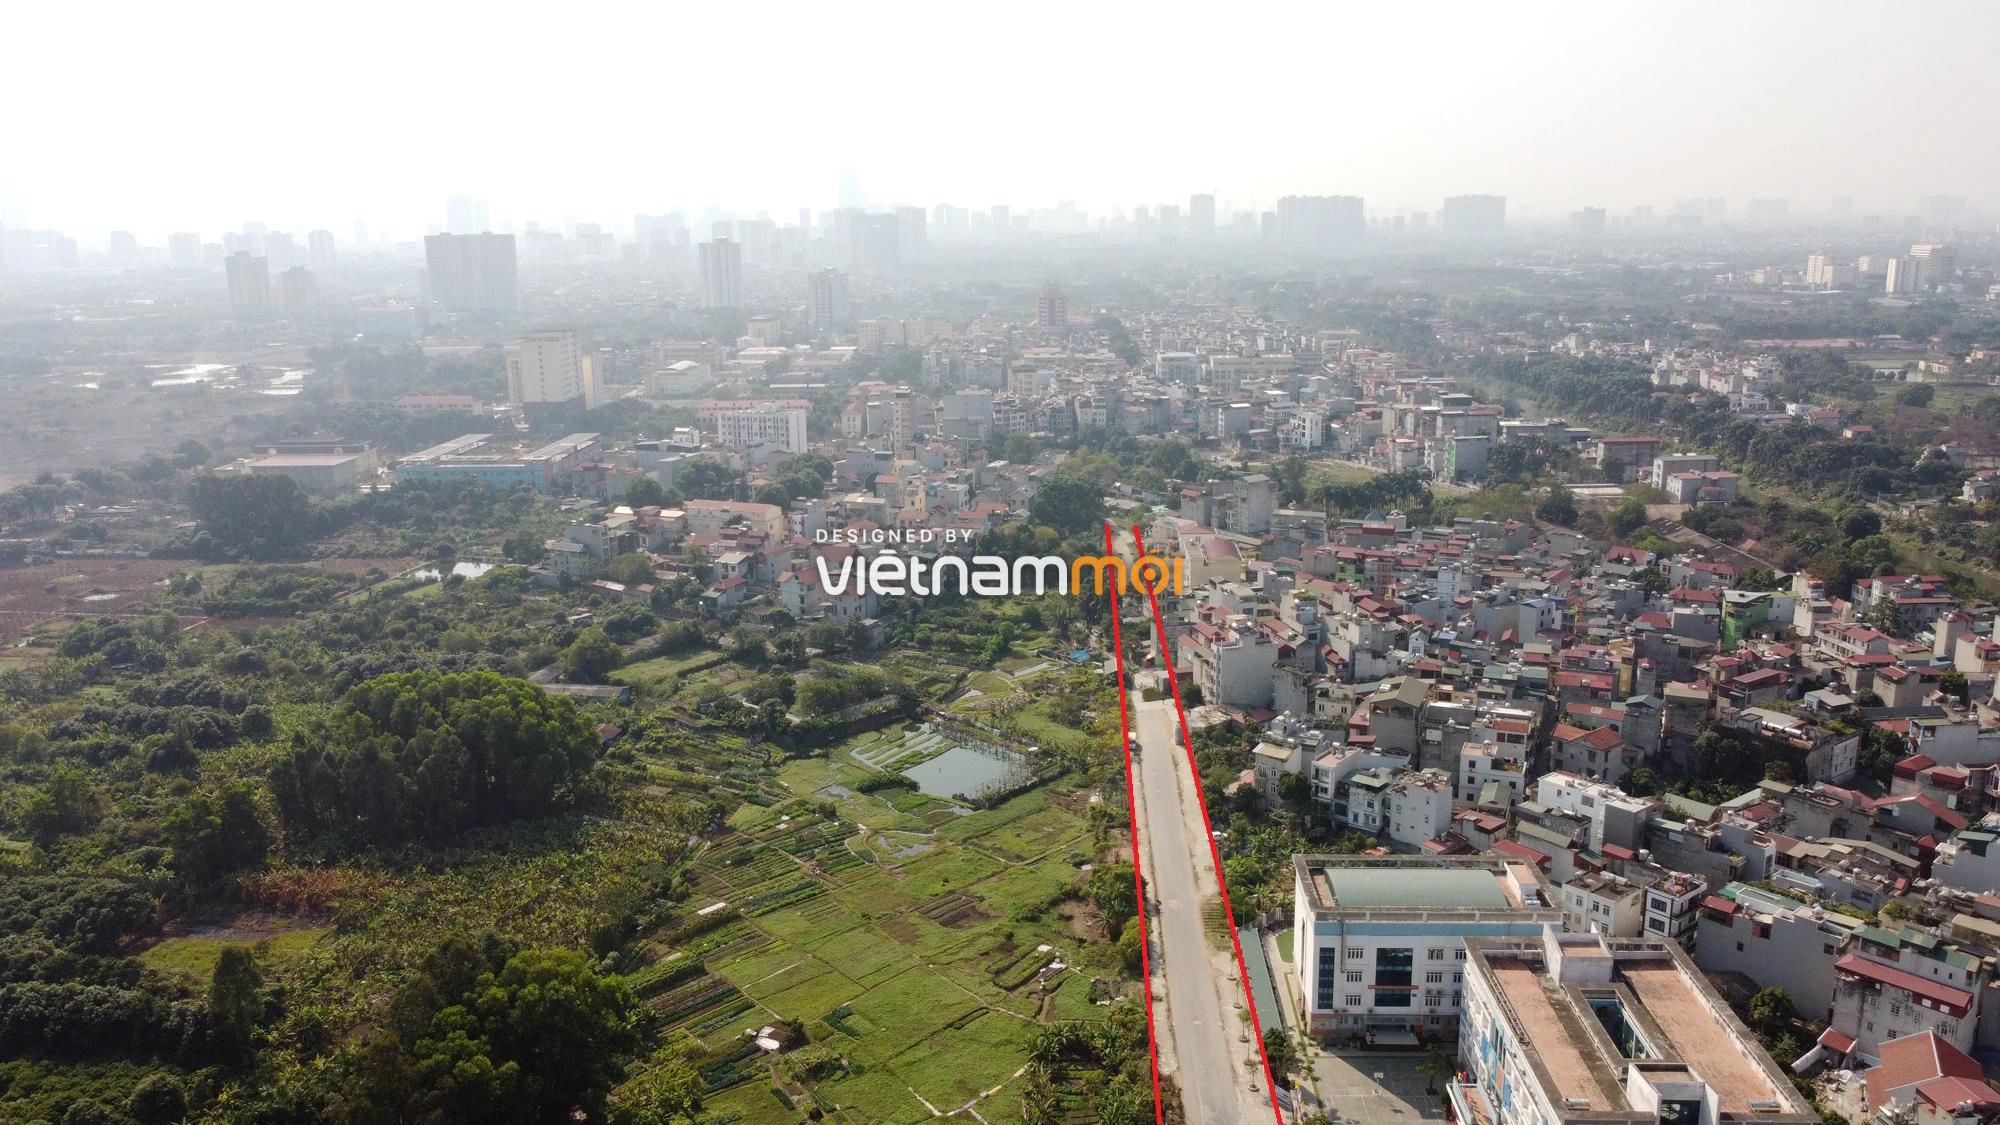 Những khu đất sắp thu hồi để mở đường ở quận Bắc Từ Liêm, Hà Nội (phần 2) - Ảnh 13.